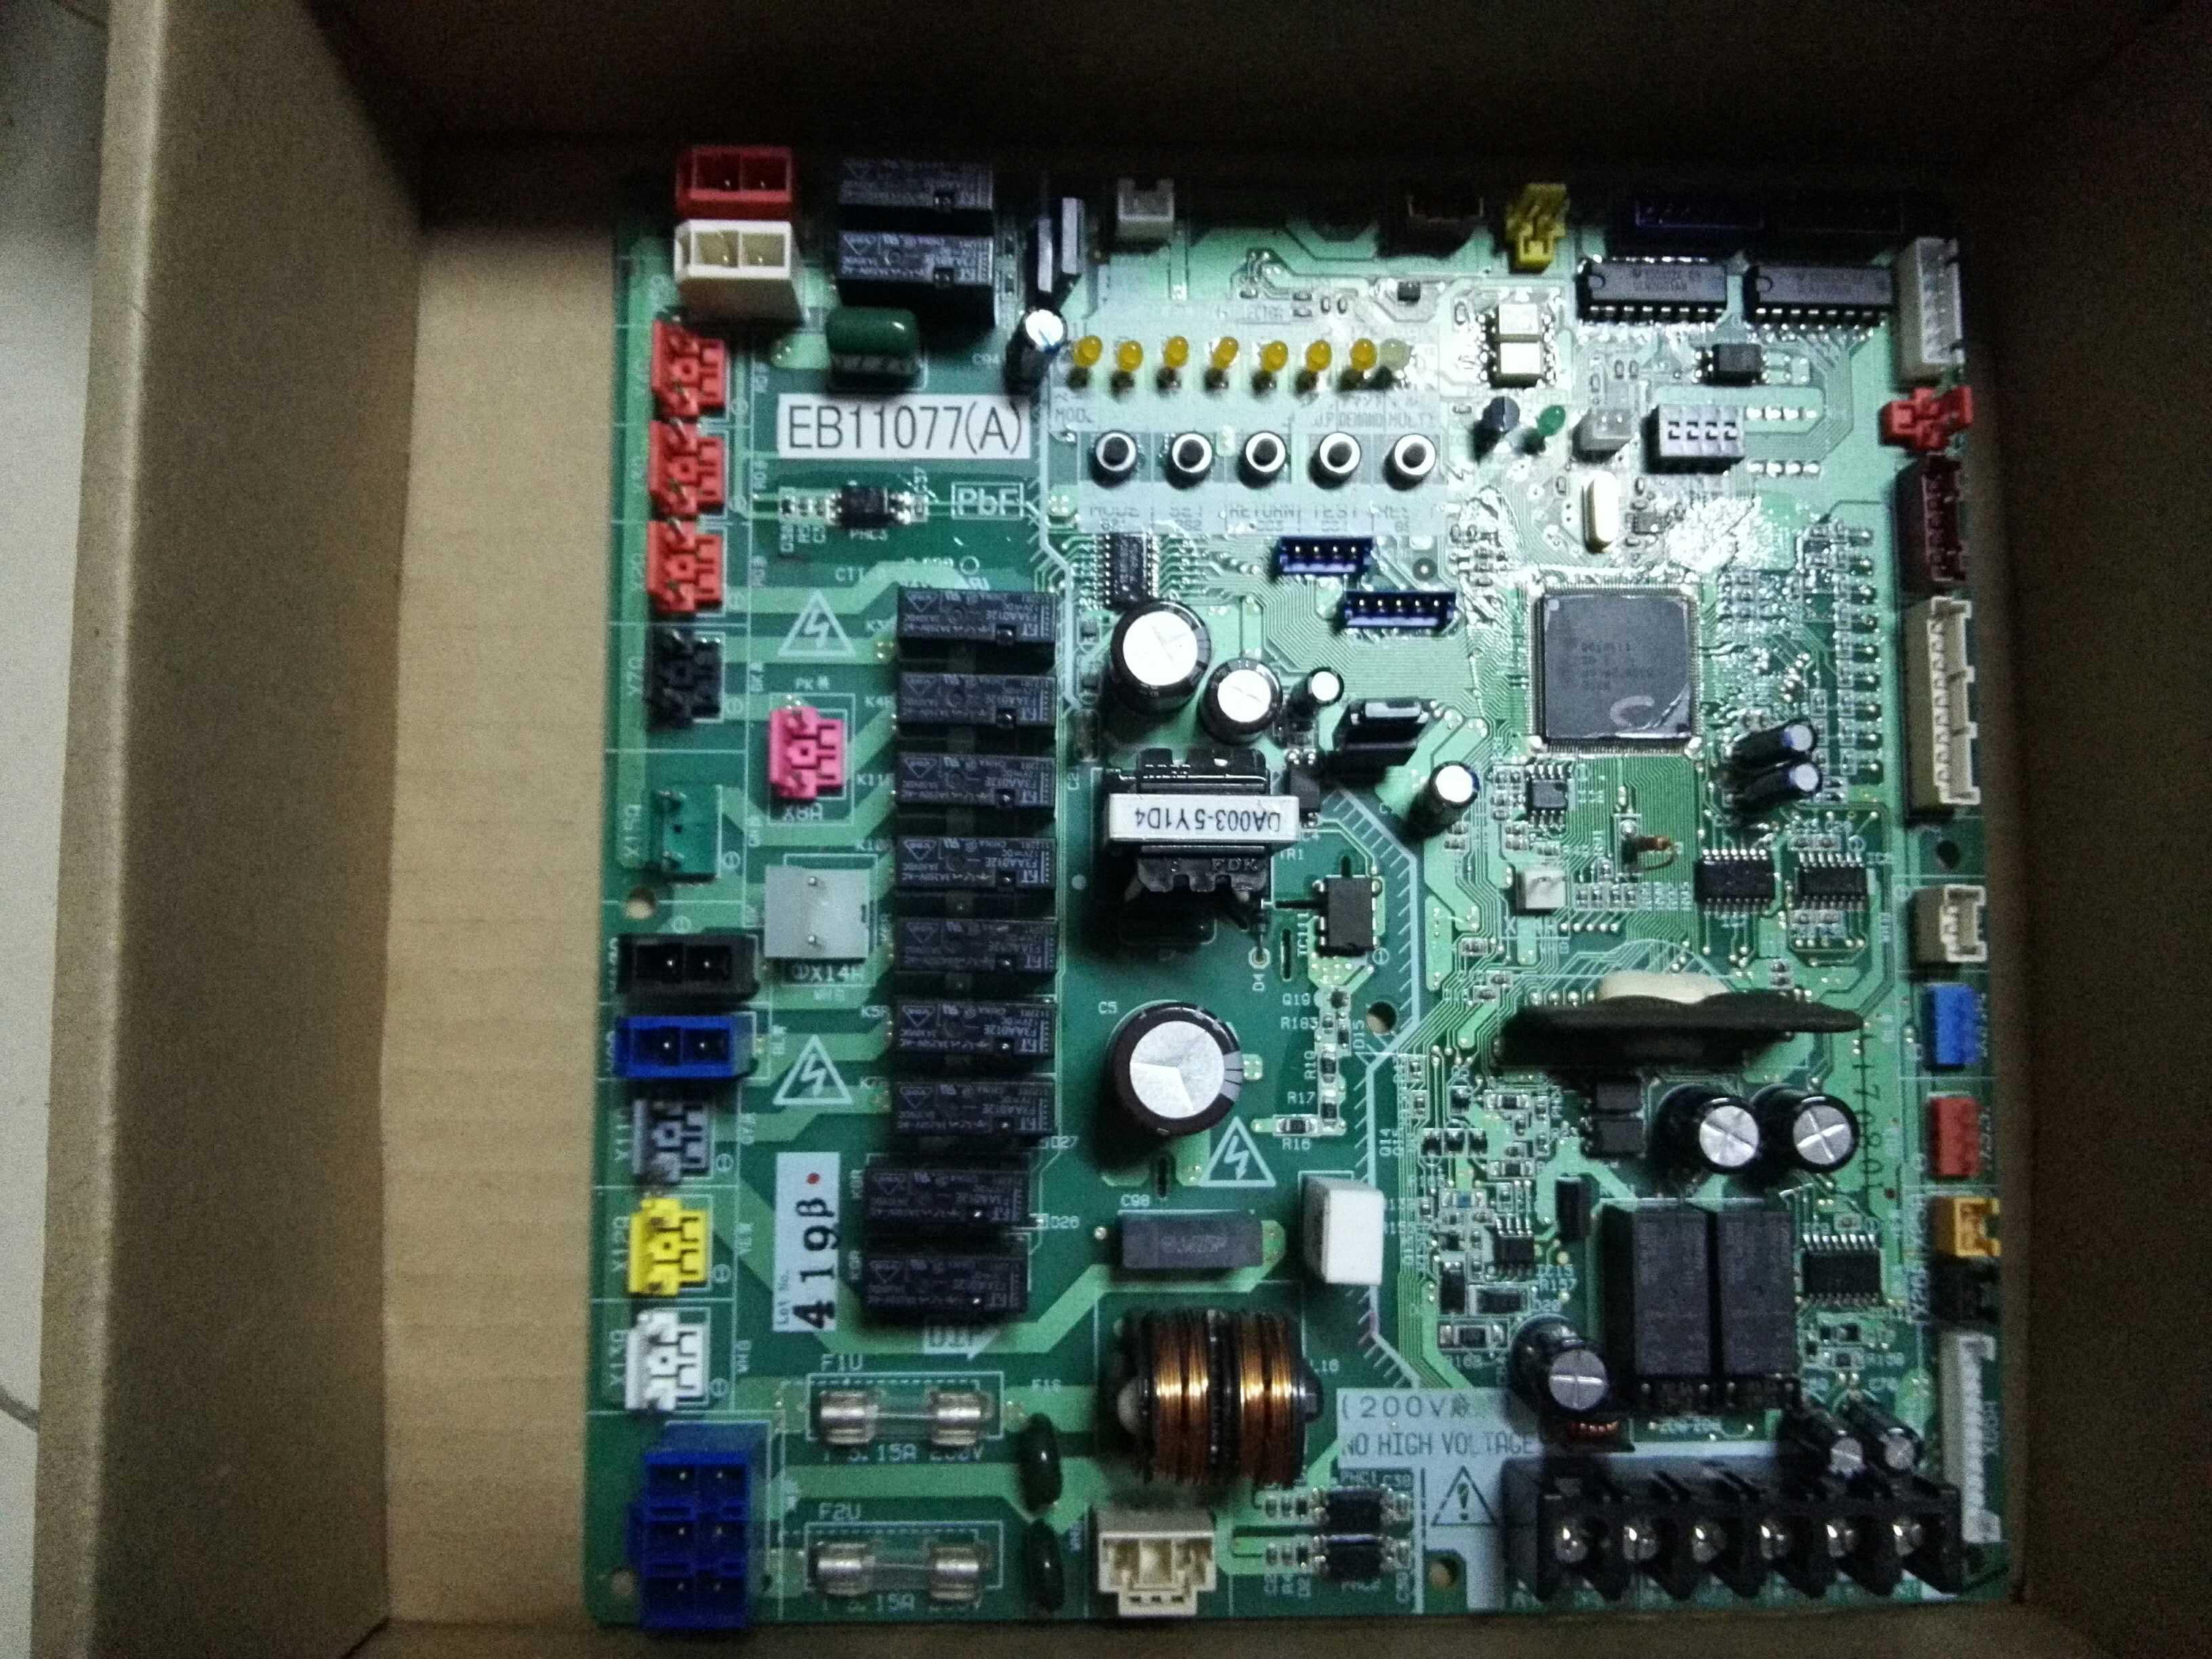 Daikin klimaanlagen - Master Control Board EB11077 außerhalb der Maschine